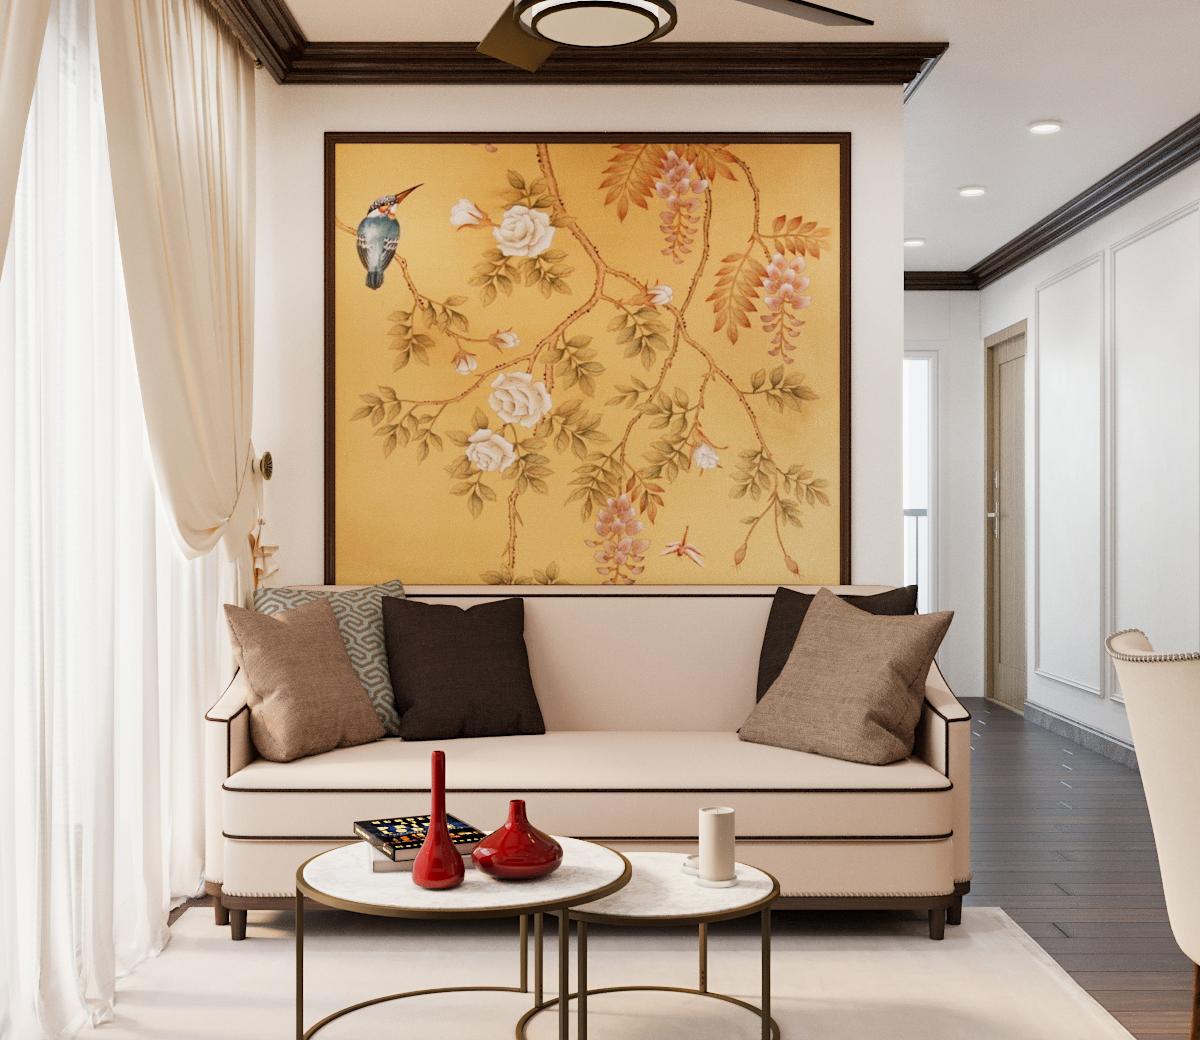 Đẹp tinh tế căn hộ phong cách Indochine của CEO thời trang